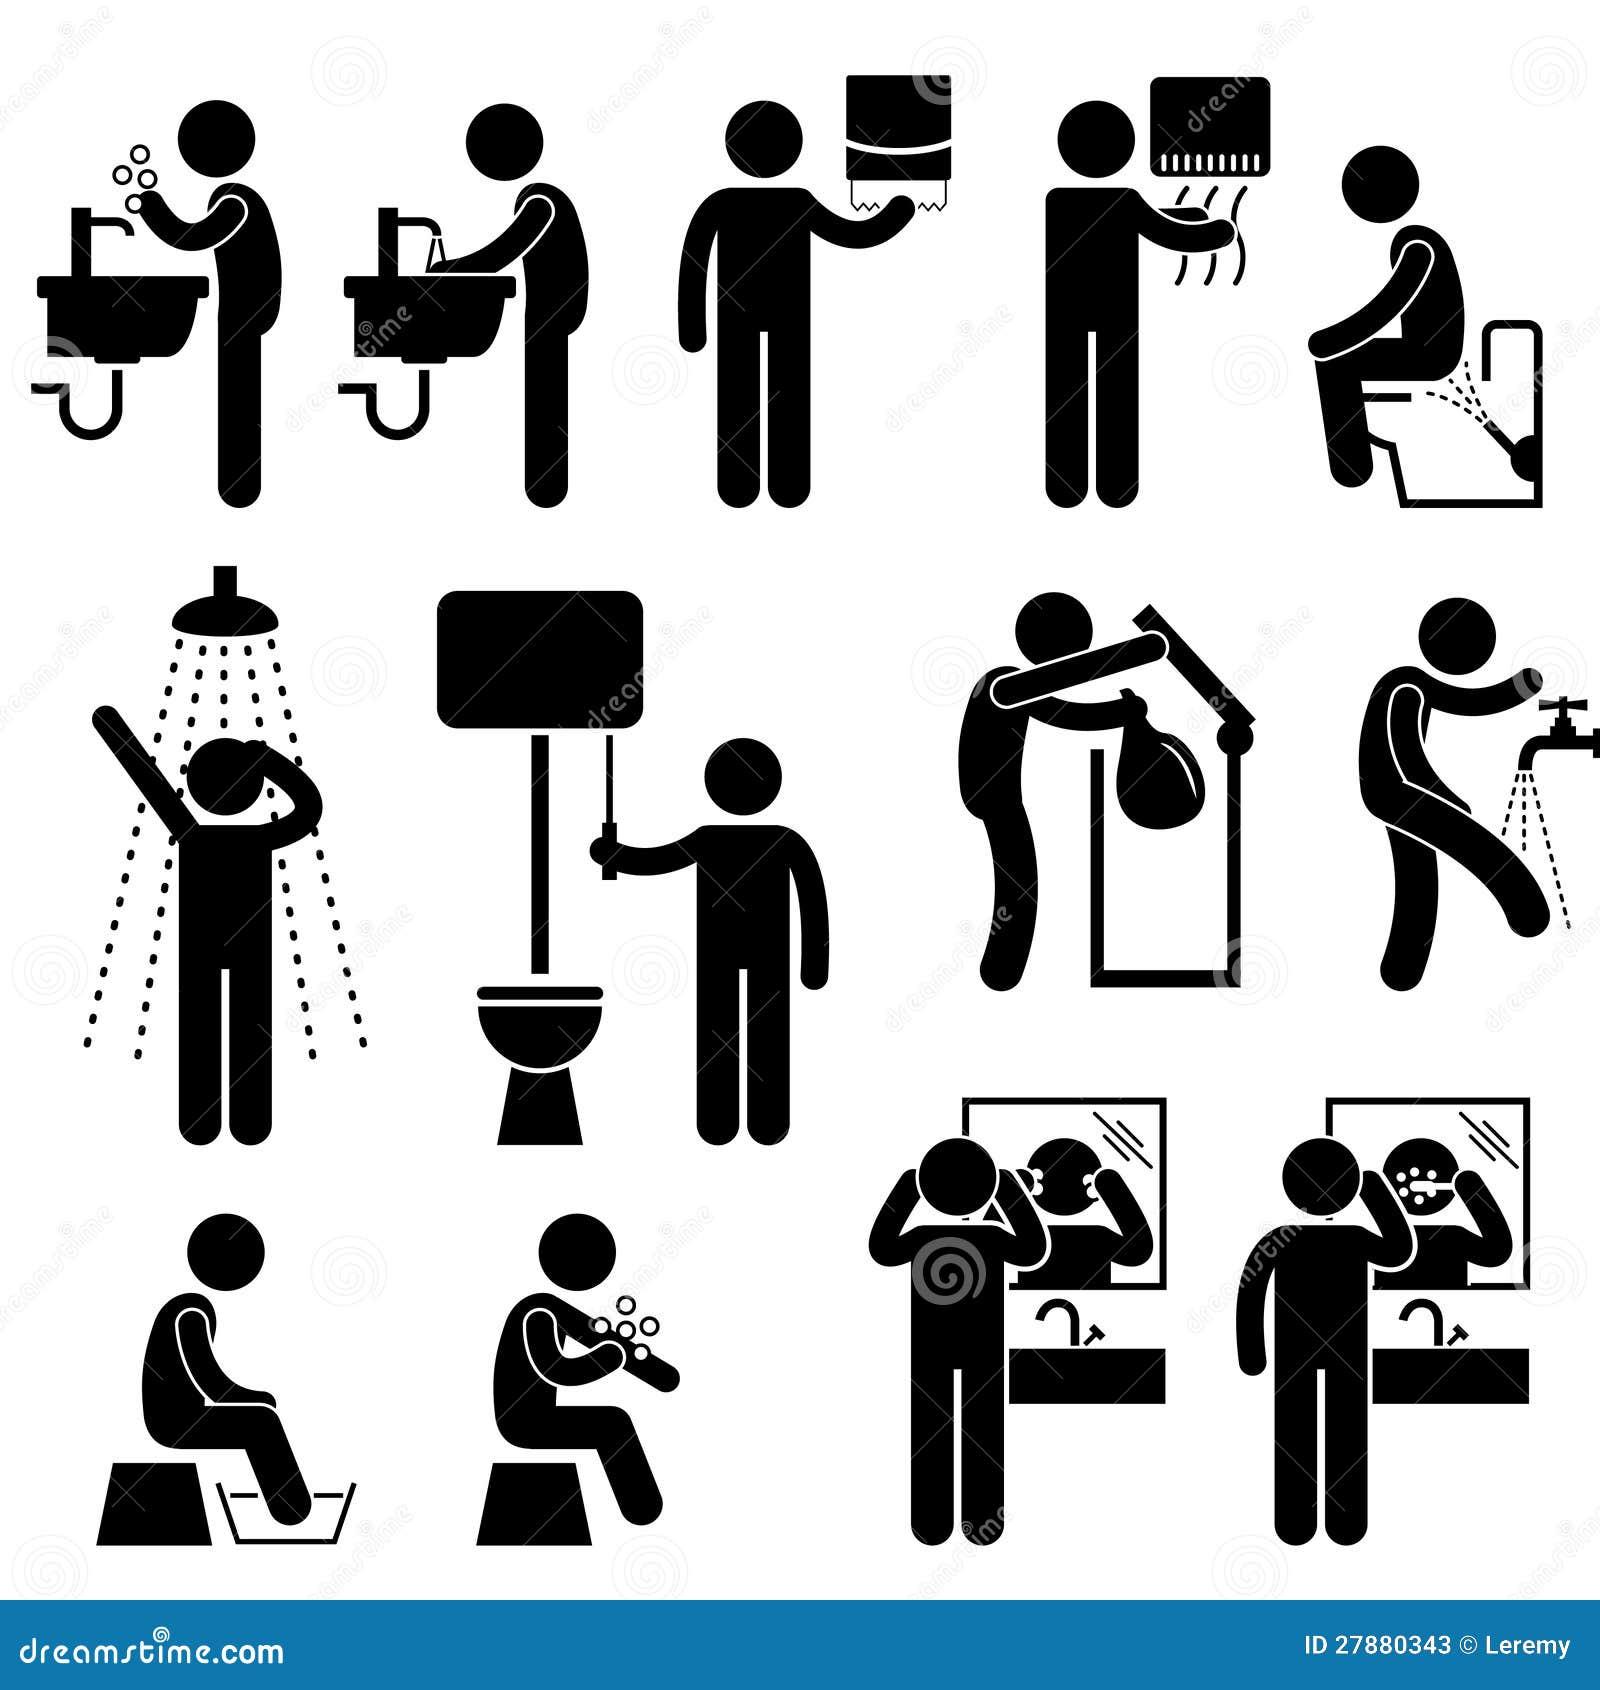 Persönliche Hygiene Im Toiletten-Piktogramm Stockfotos - Bild ...